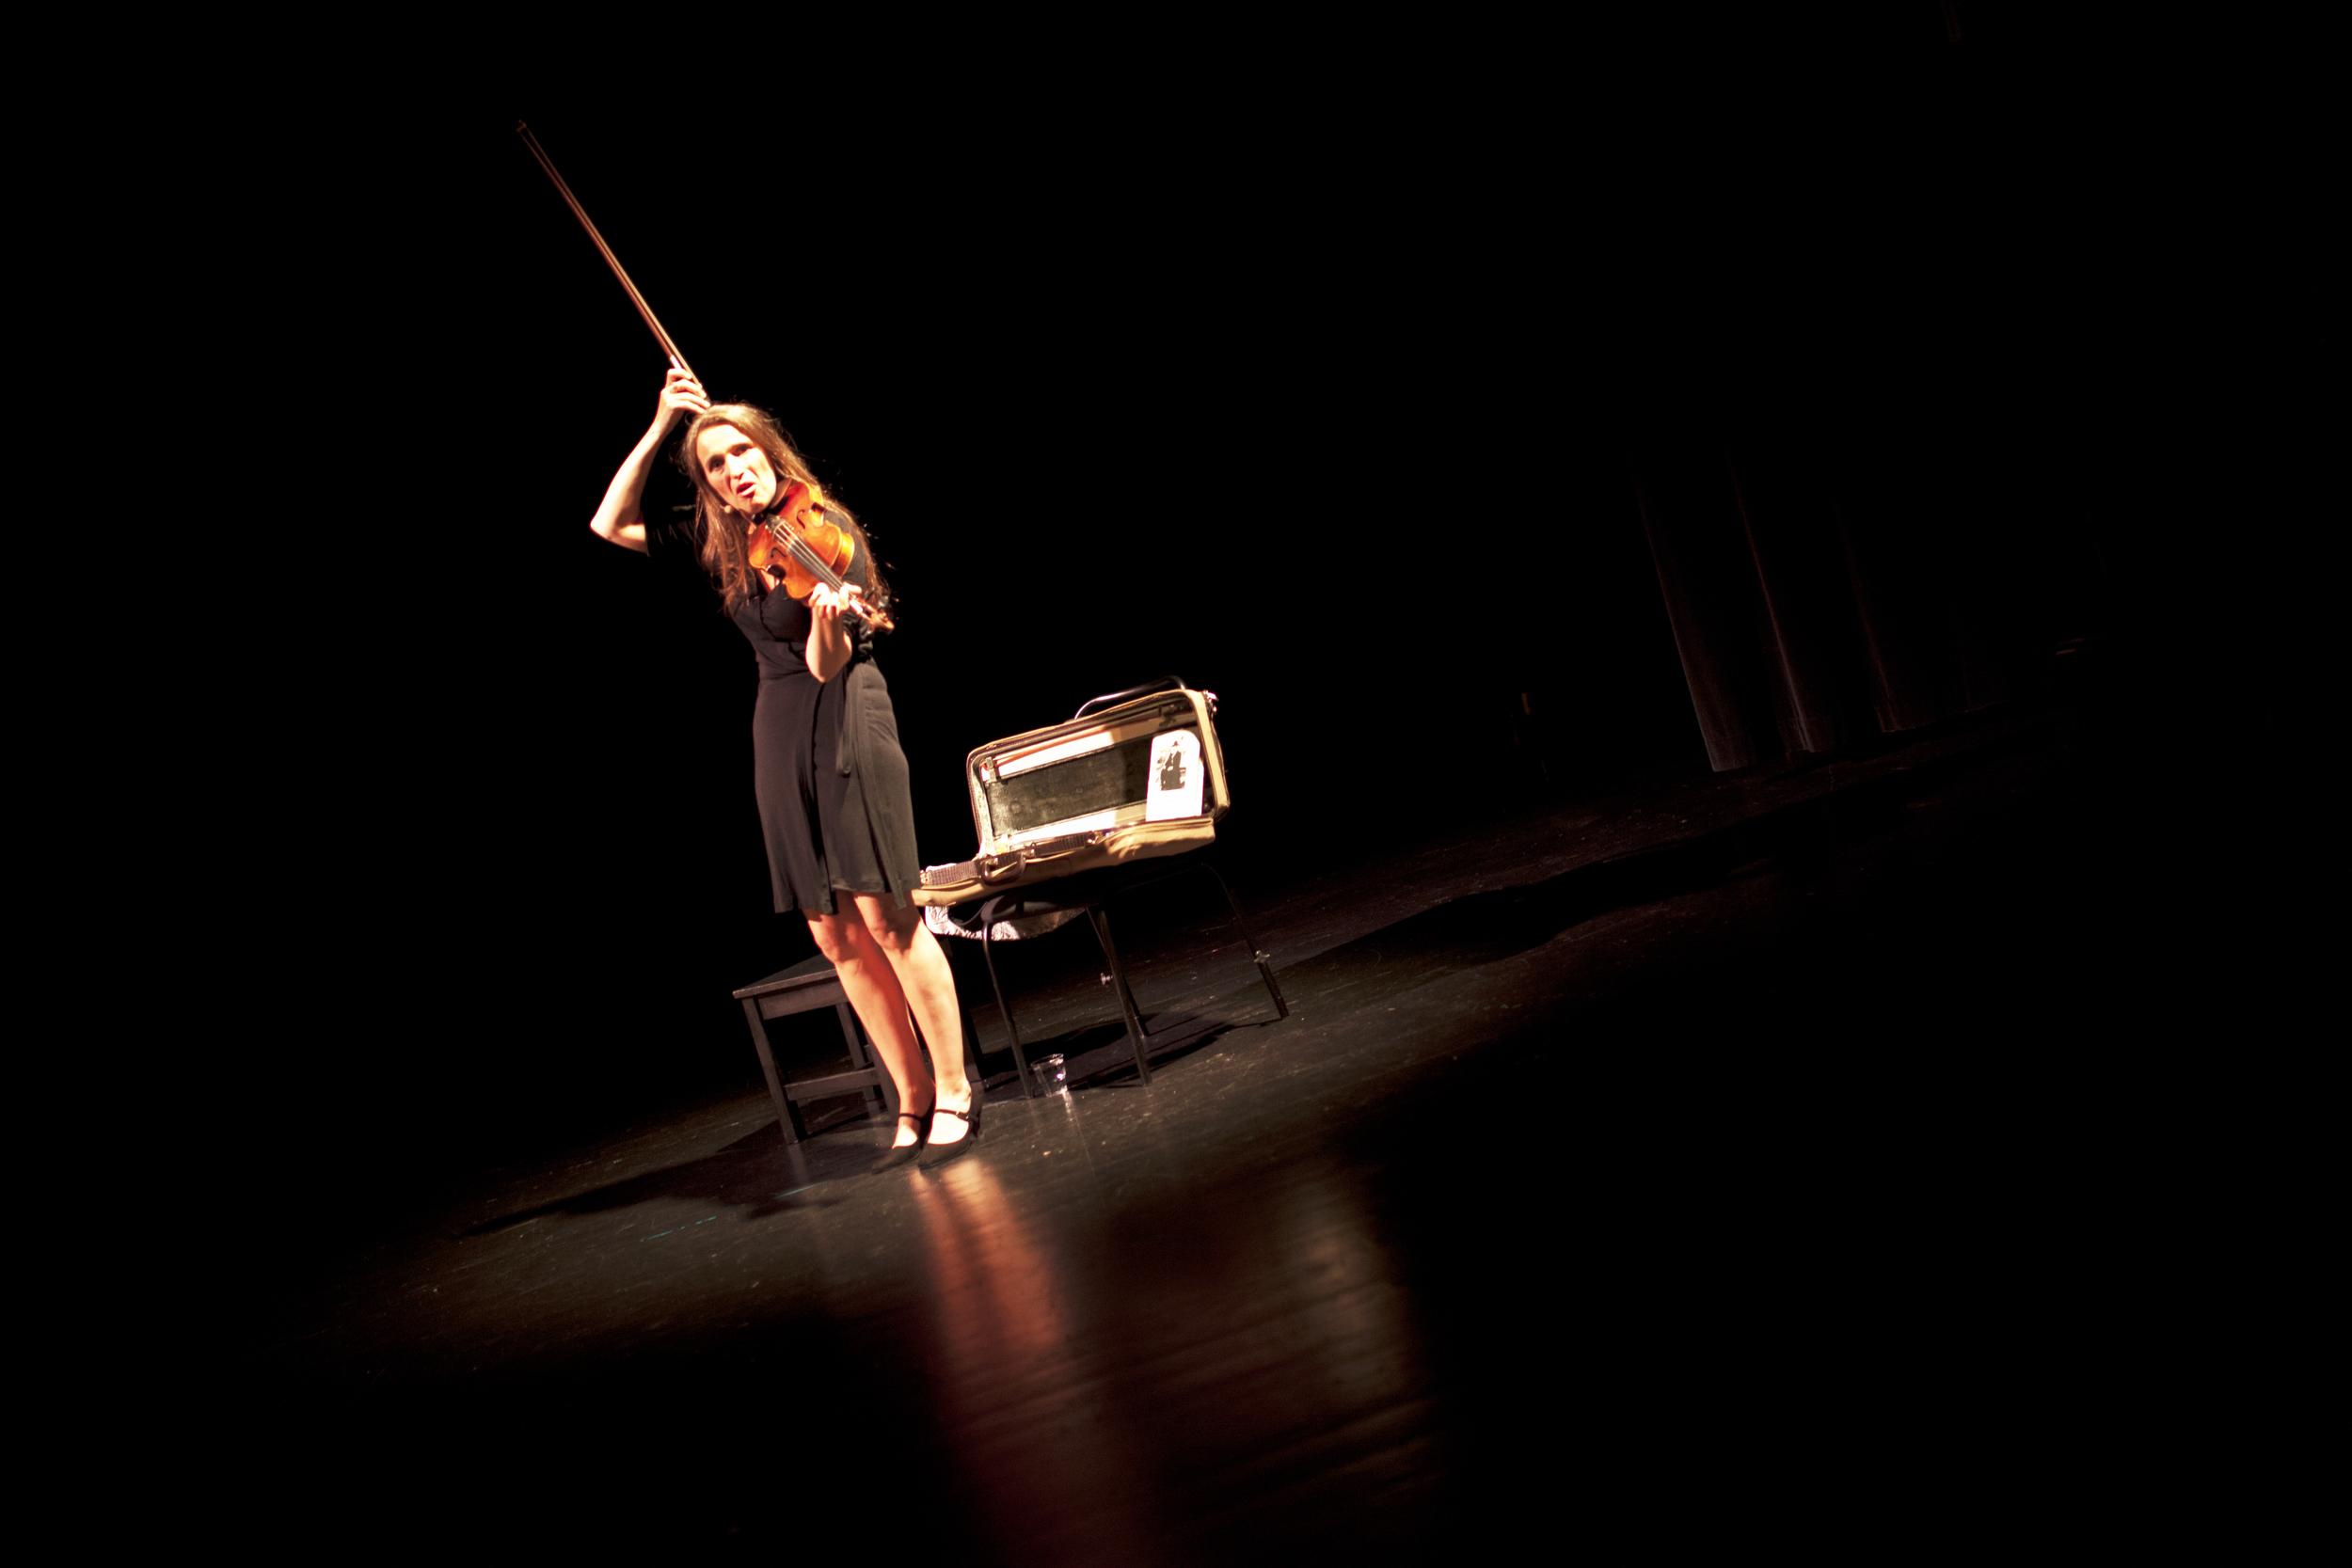 IMG_4258 - susanne - teatersalen - 3. juli - heidi hattestein.jpg